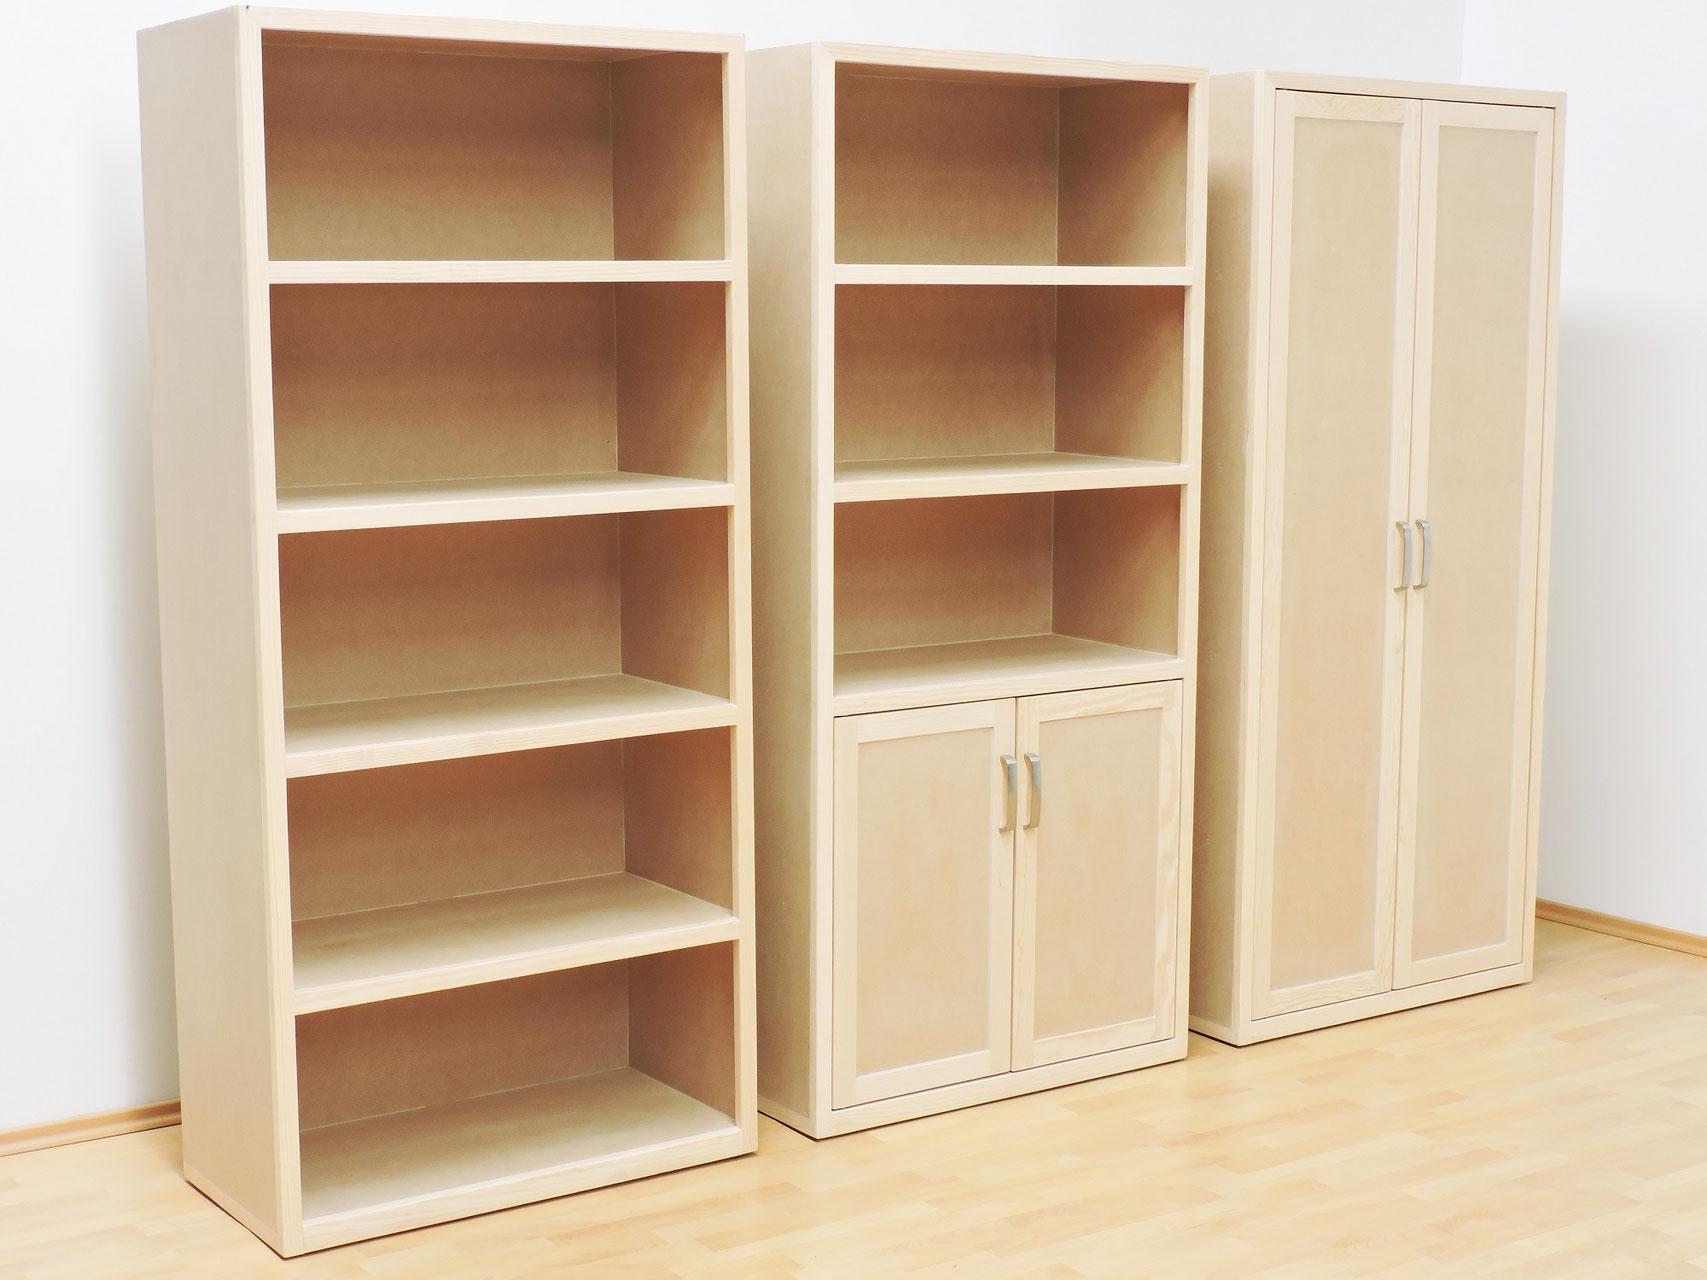 Libreros muebles gm muebles de madera for Puertas con madera reciclada